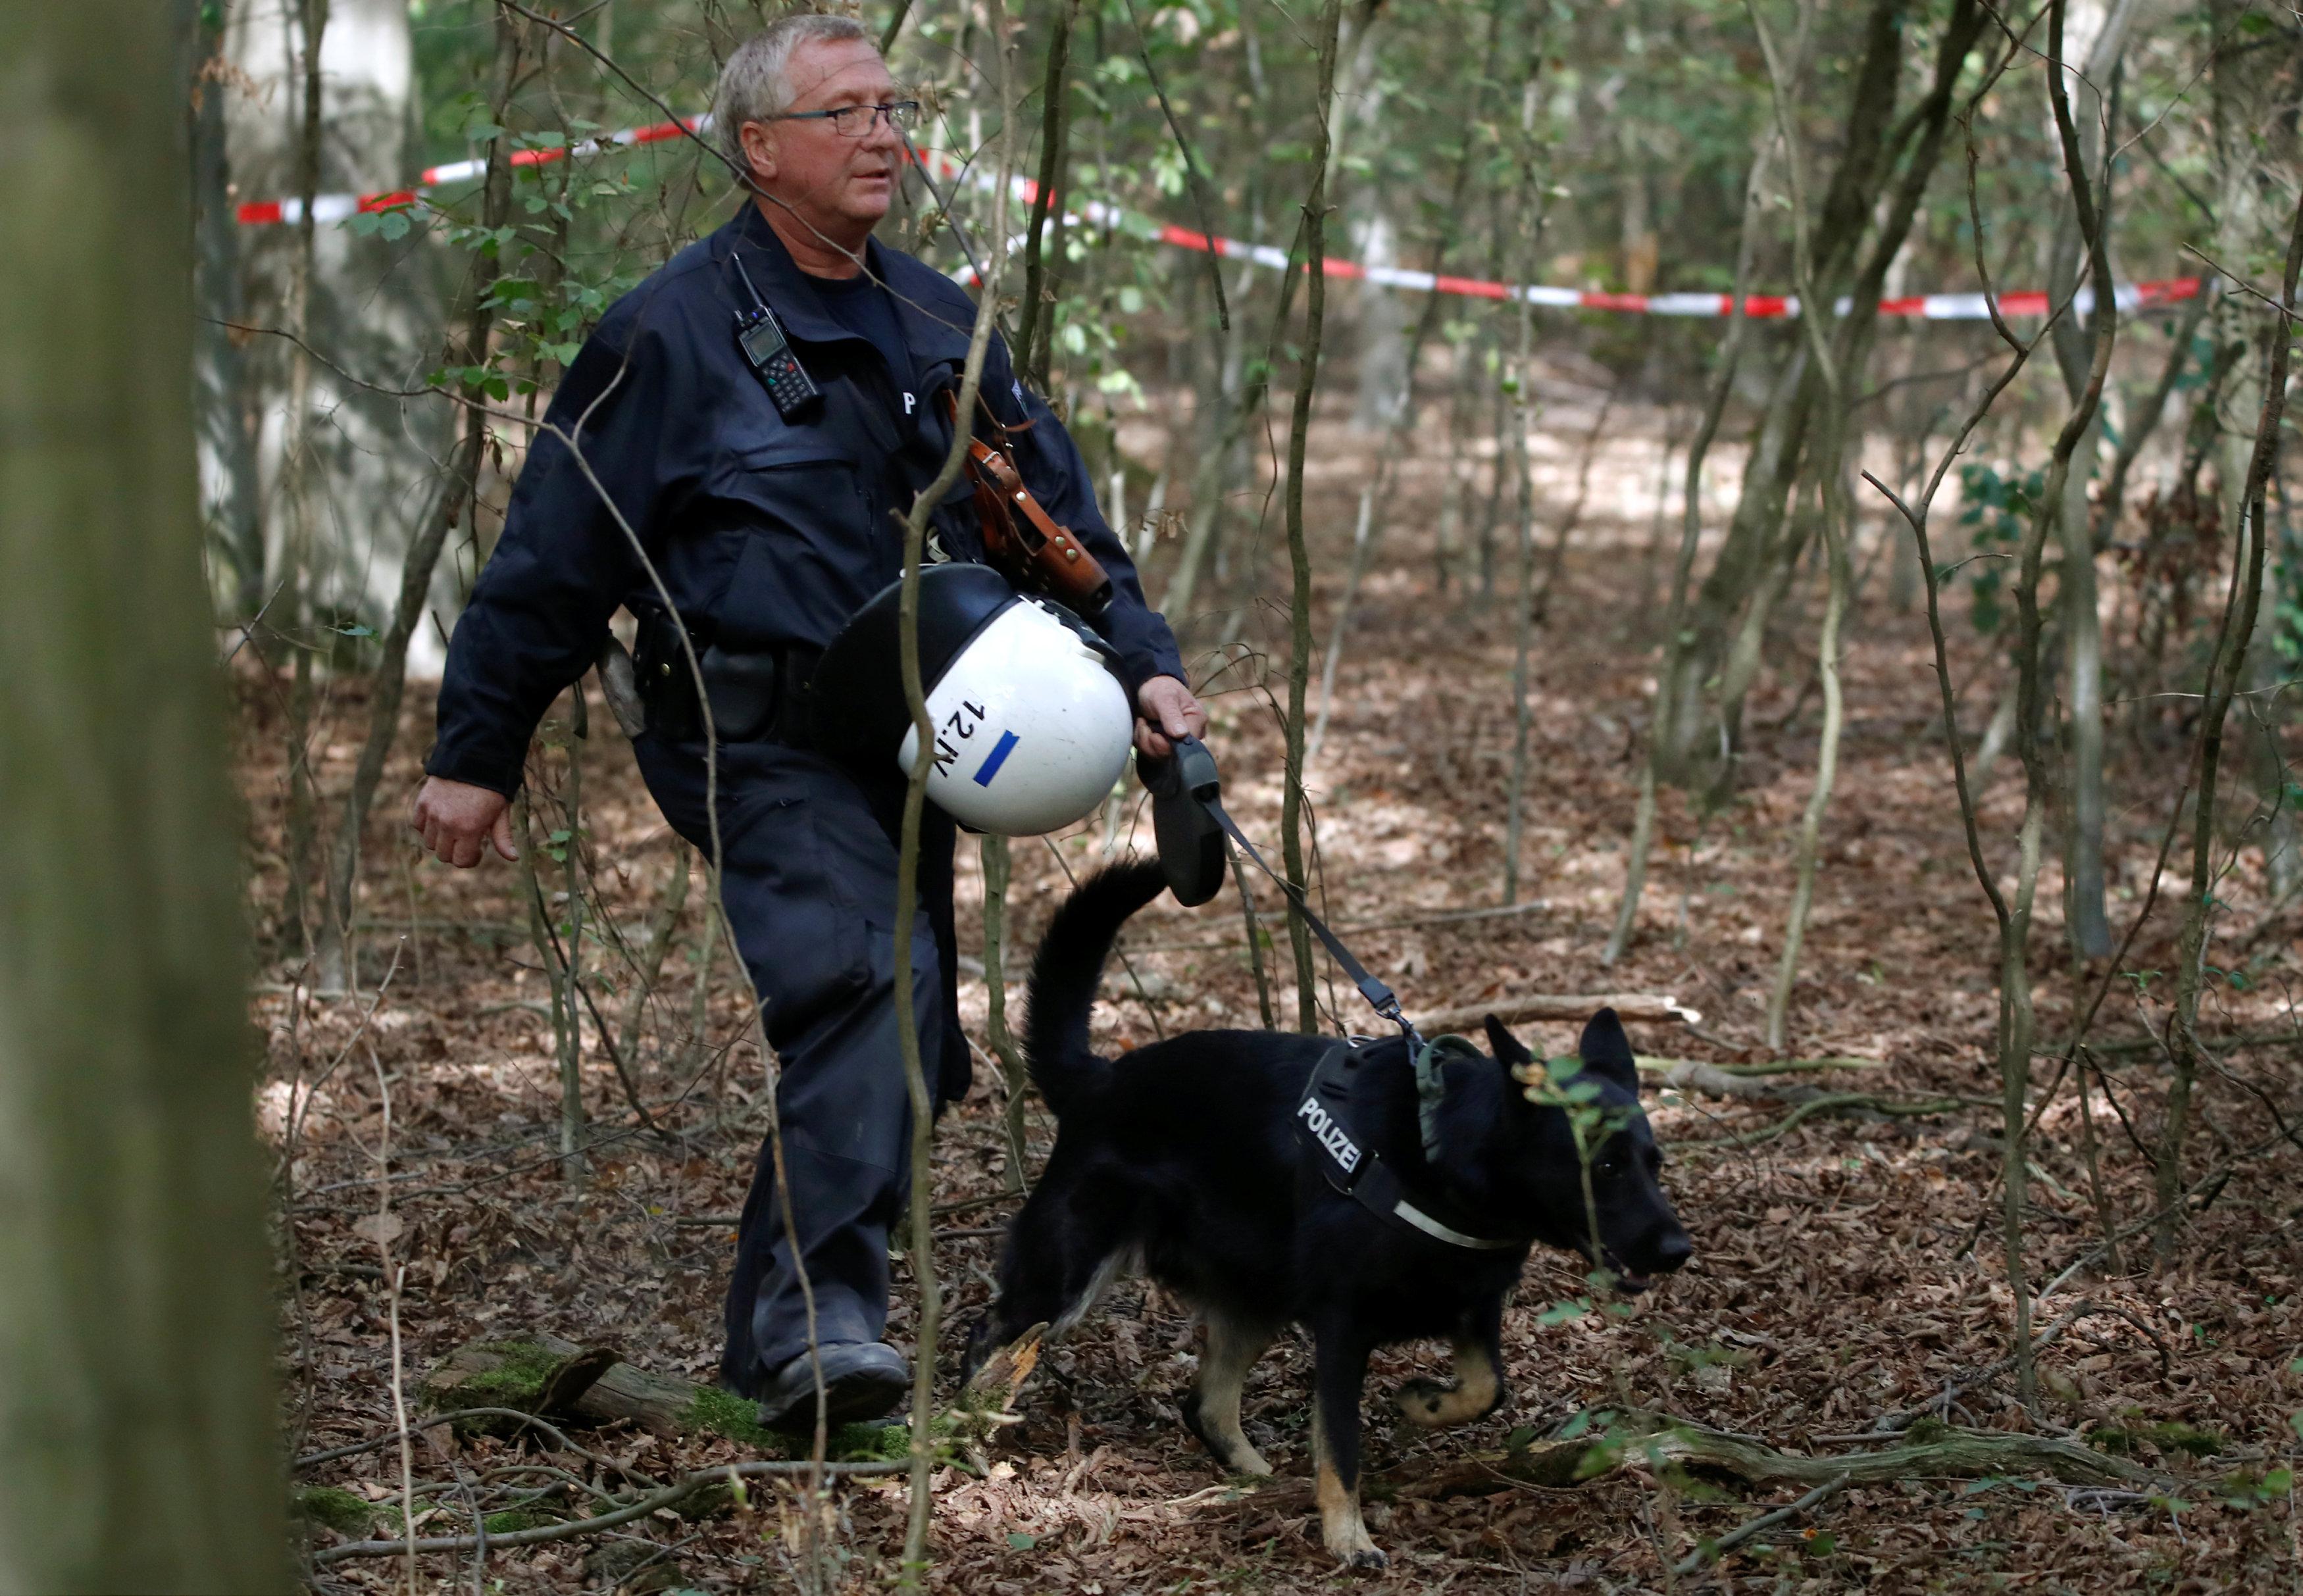 أحد أفراد الشرطة الألمانية يتجول بصحبة كلب بوليسى لتمشيط الغابة